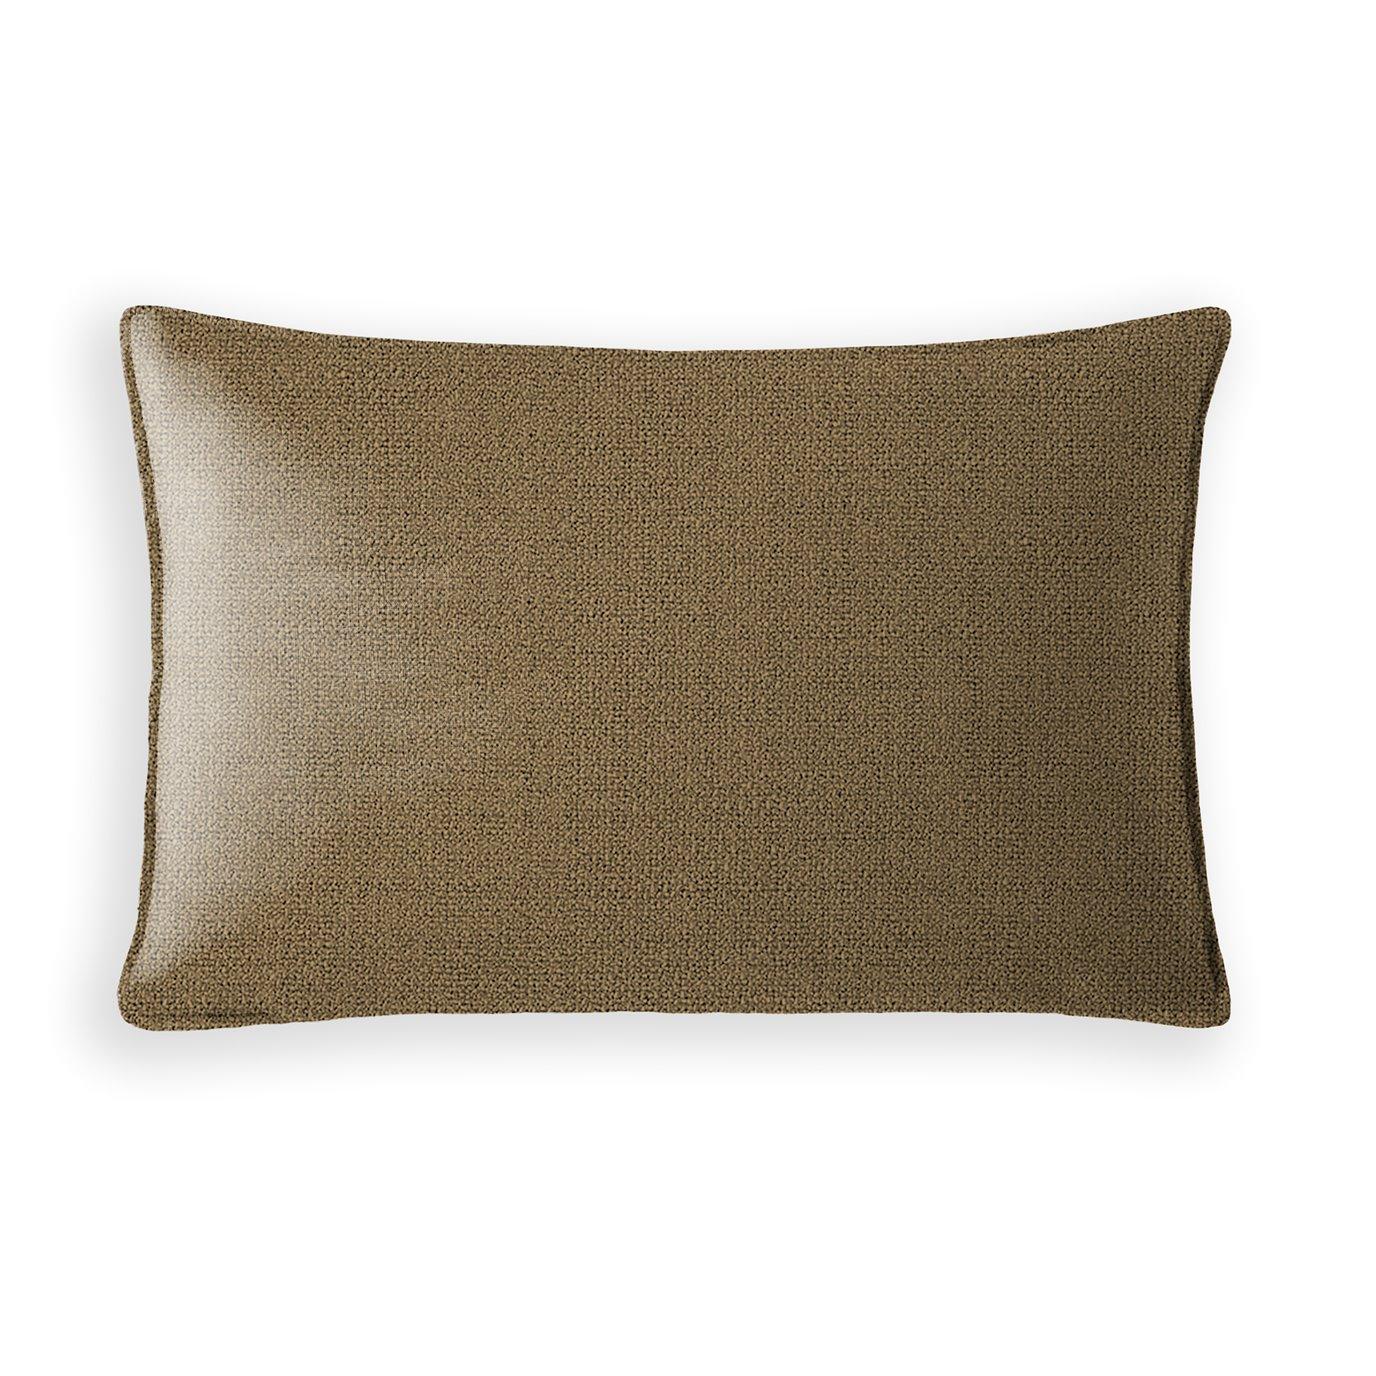 Willowbrook Decorative Cushion - Coordinating Boucl  - Long Rectangle